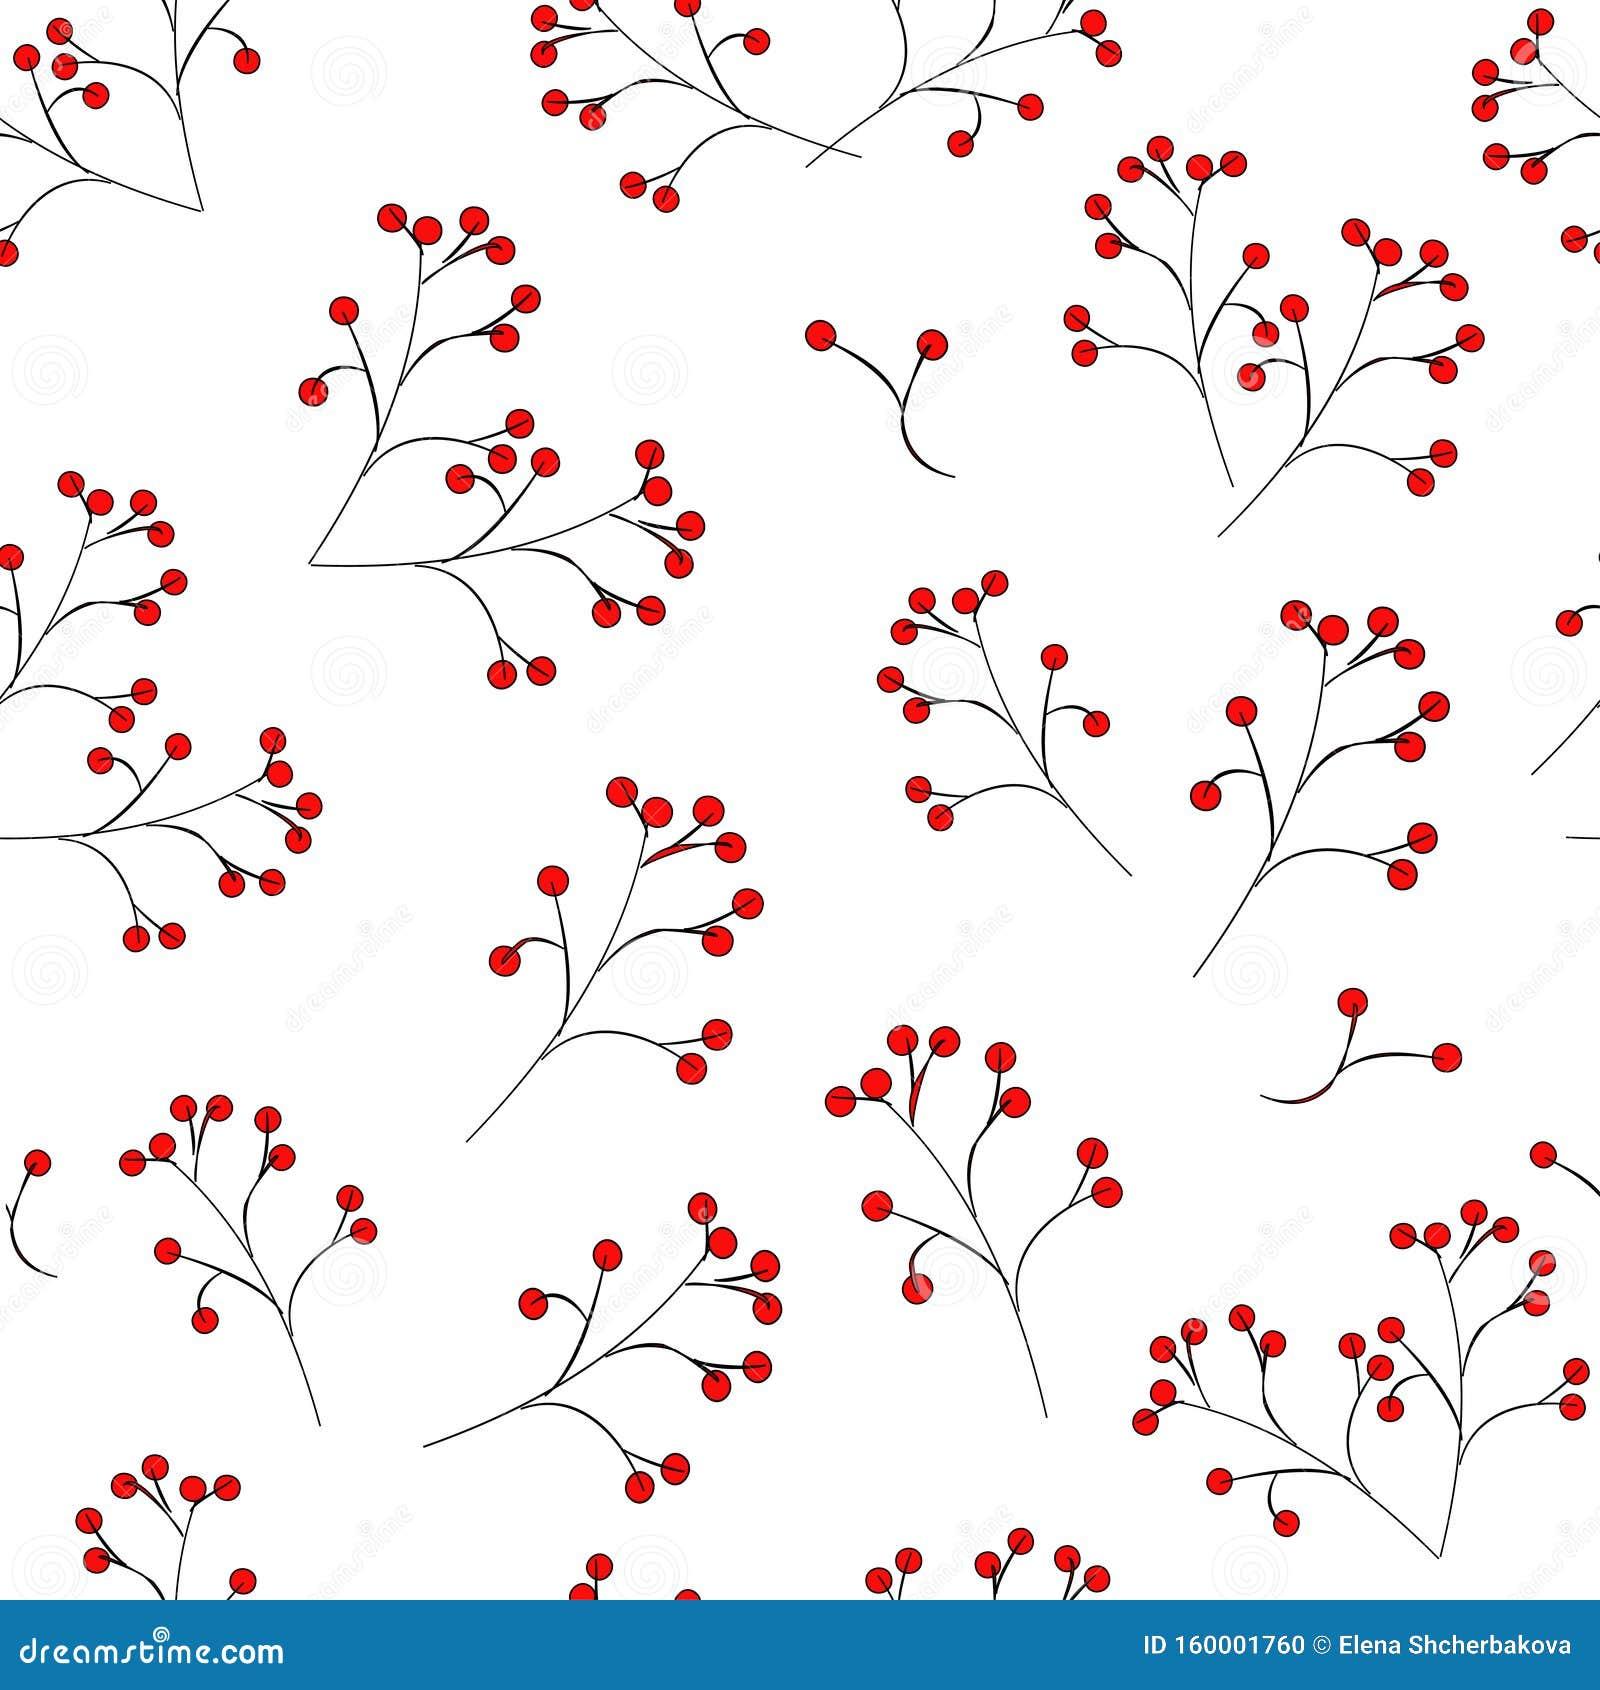 Motif incomparable : baies rouges sur une tige noire sur fond blanc. vecteur. illustration